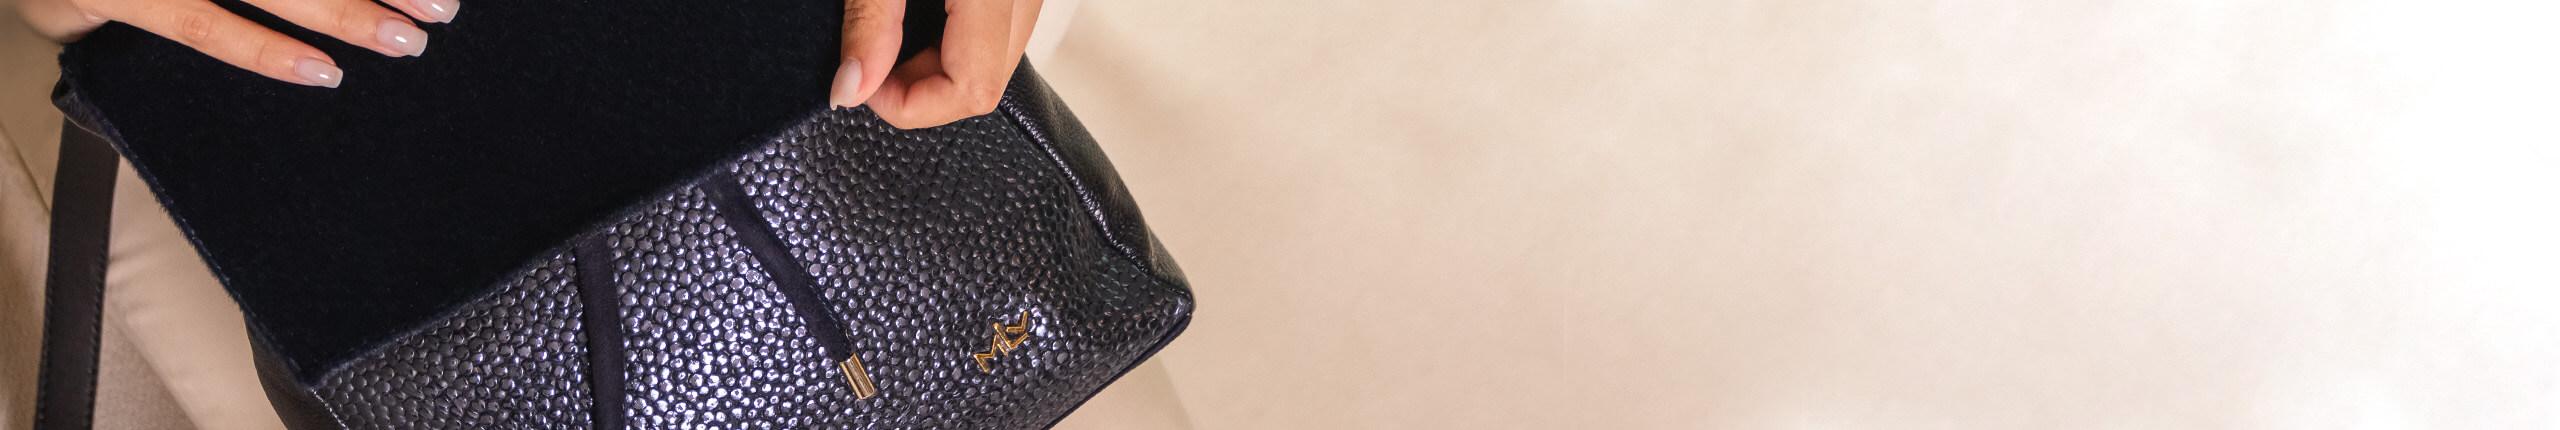 MLV Chaussures Sacs Printemps-Été 2020